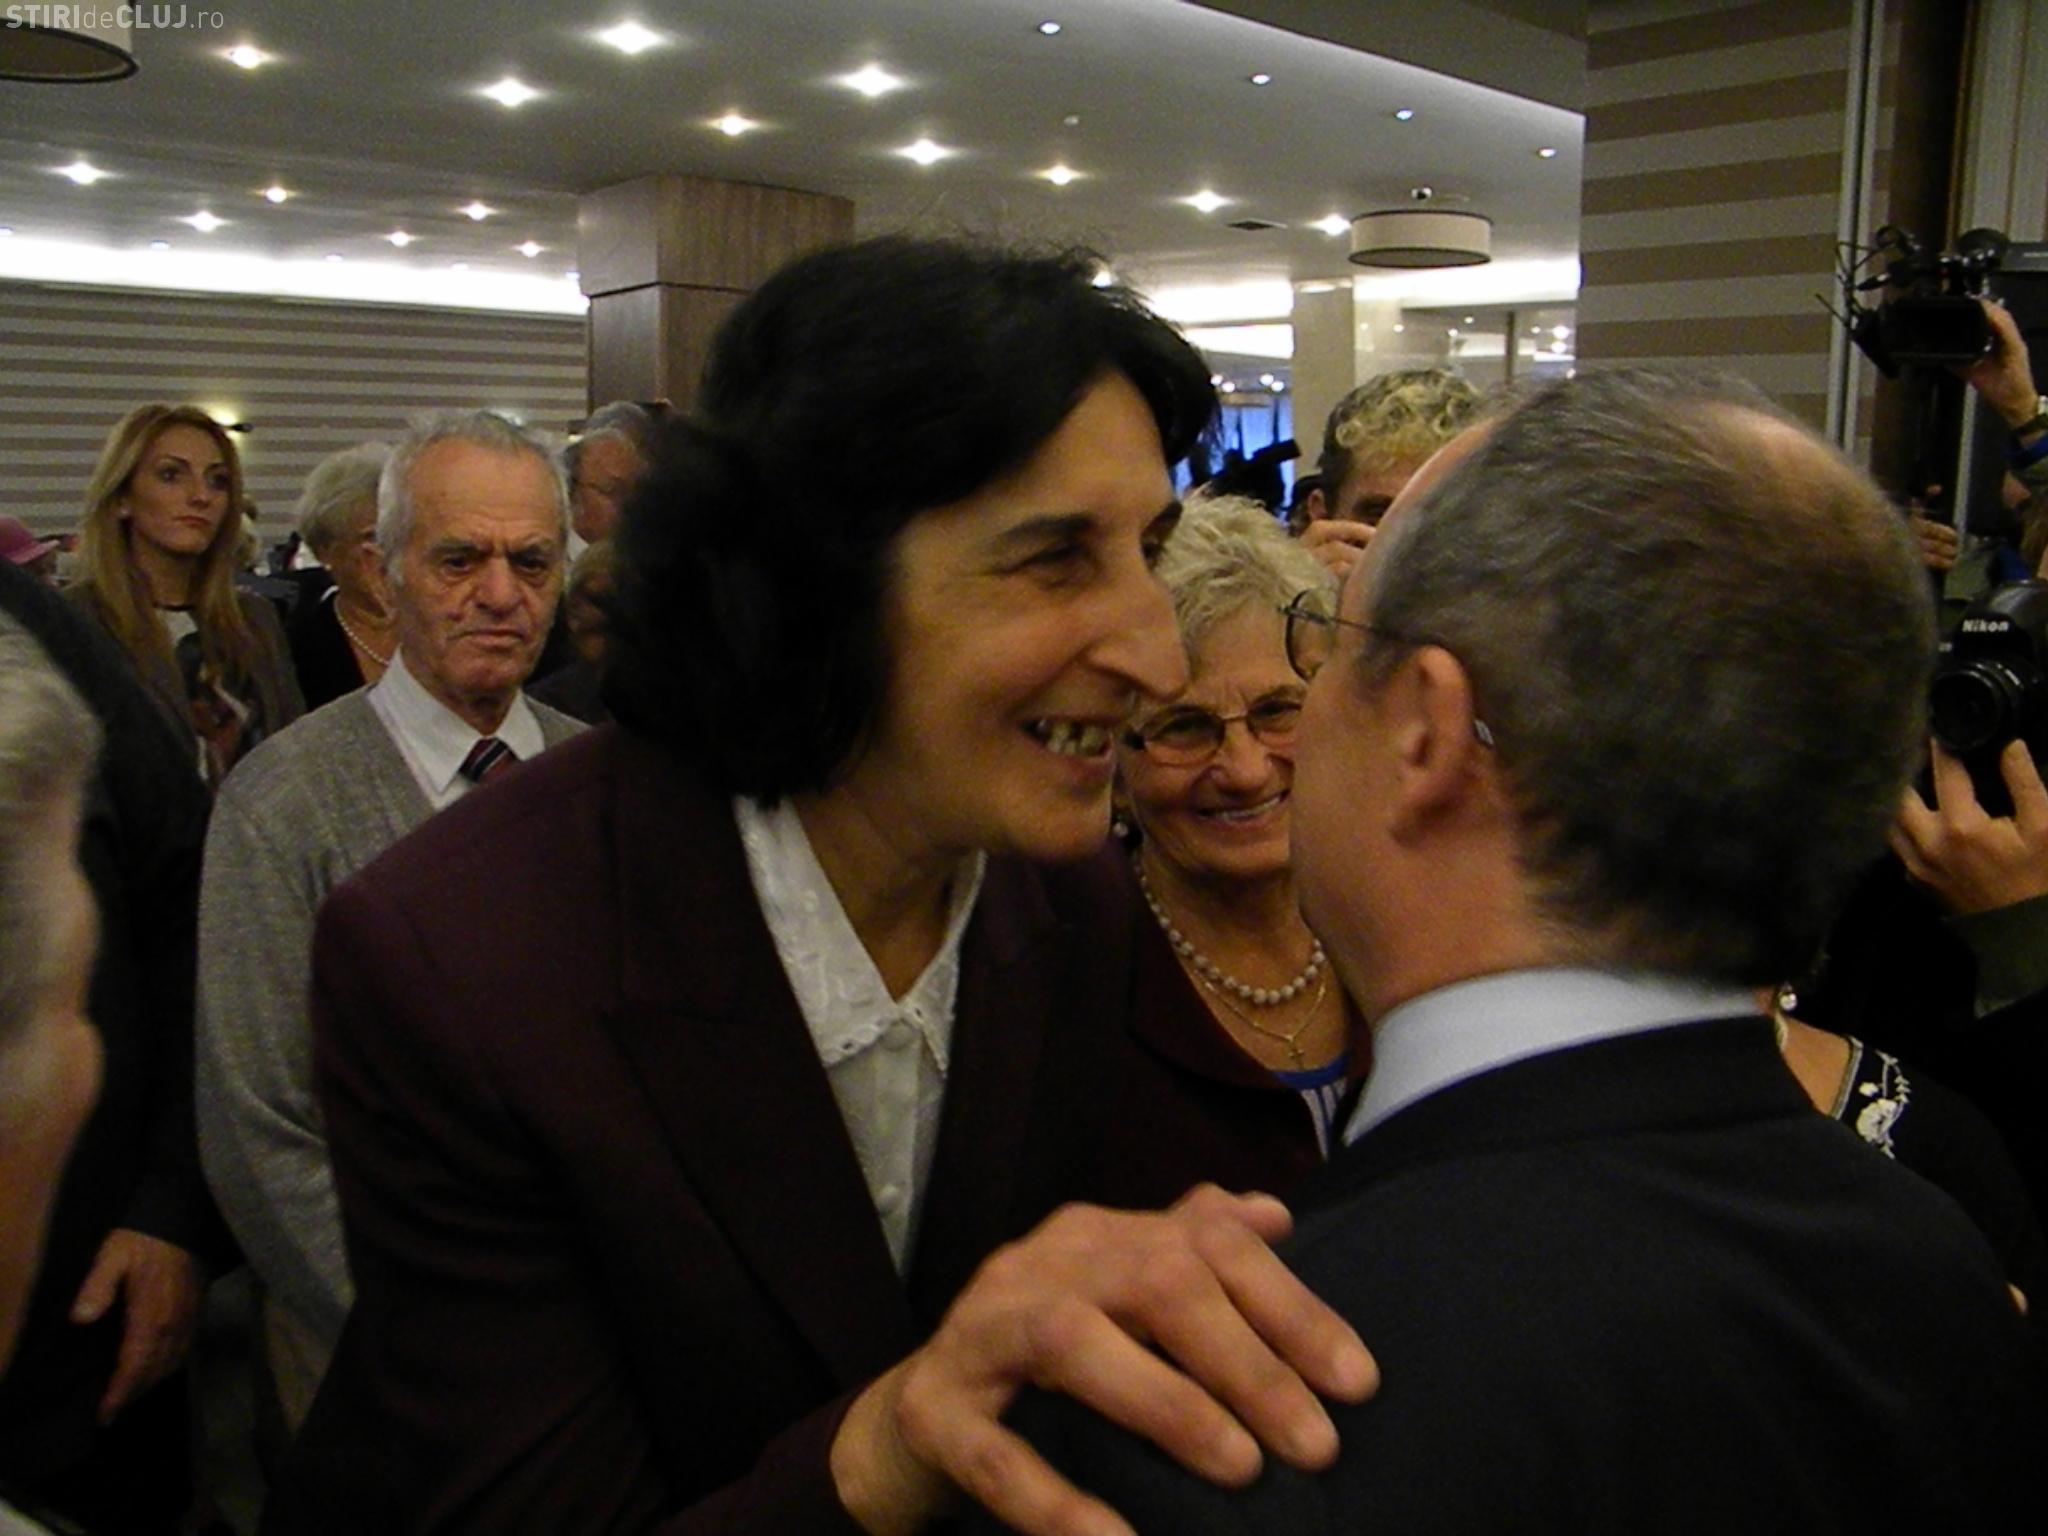 Boc, ADULAT de femei la petrecerea pensionarilor clujeni: V-ați mai întinerit - Galerie FOTO